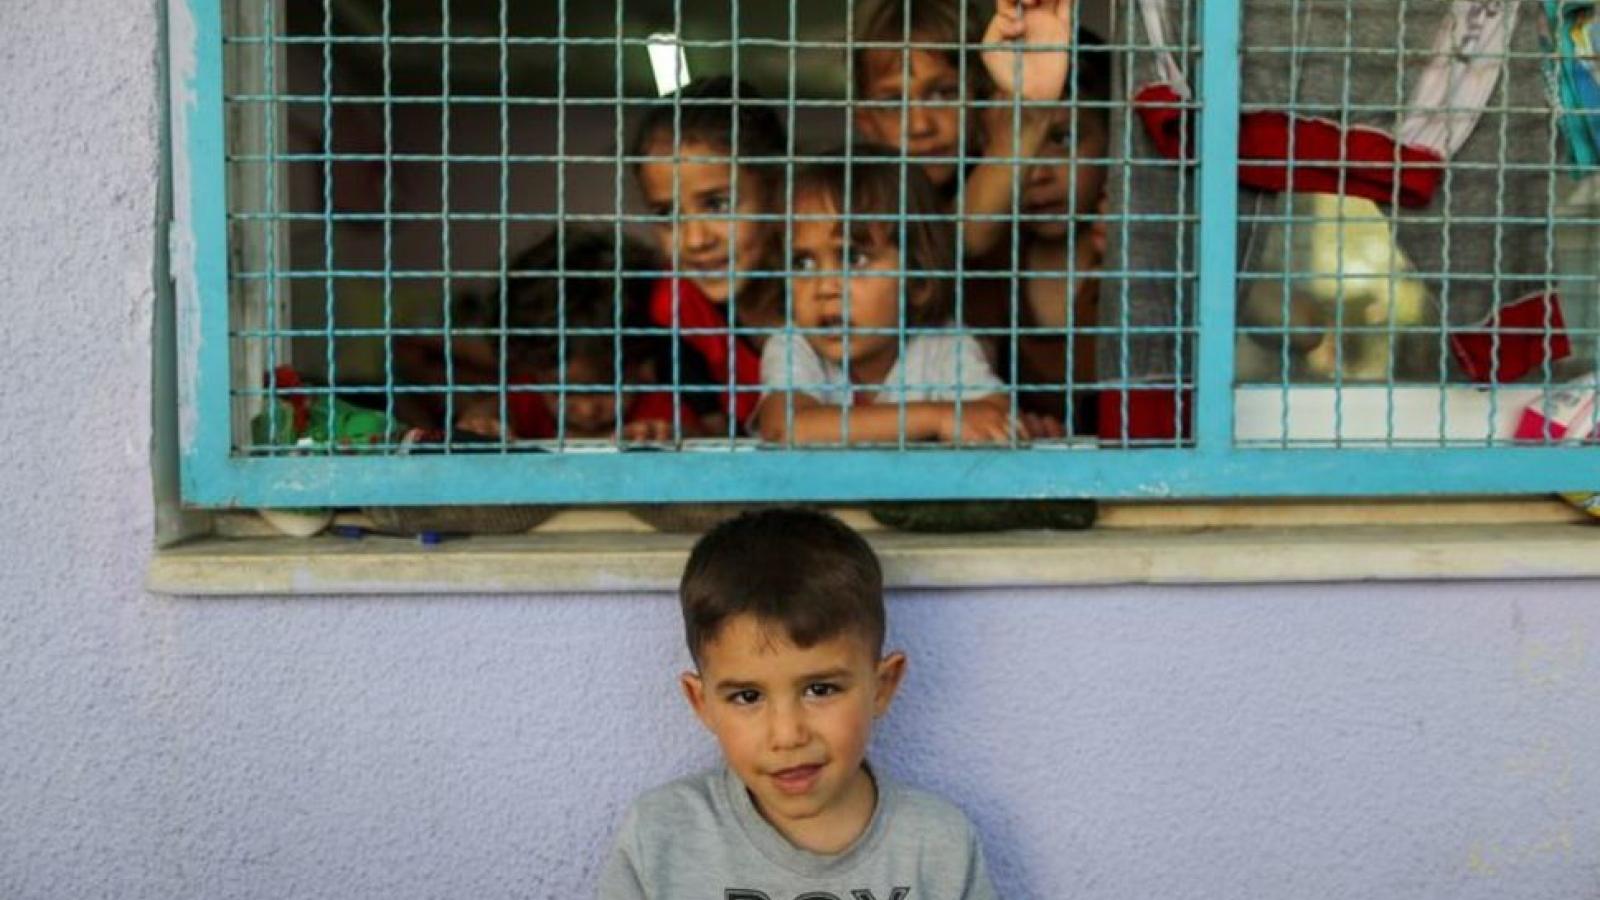 Liên Hợp Quốc: Xung đột ở Gaza khiến hơn 52.000 người Palestin phải đi chạy nạn